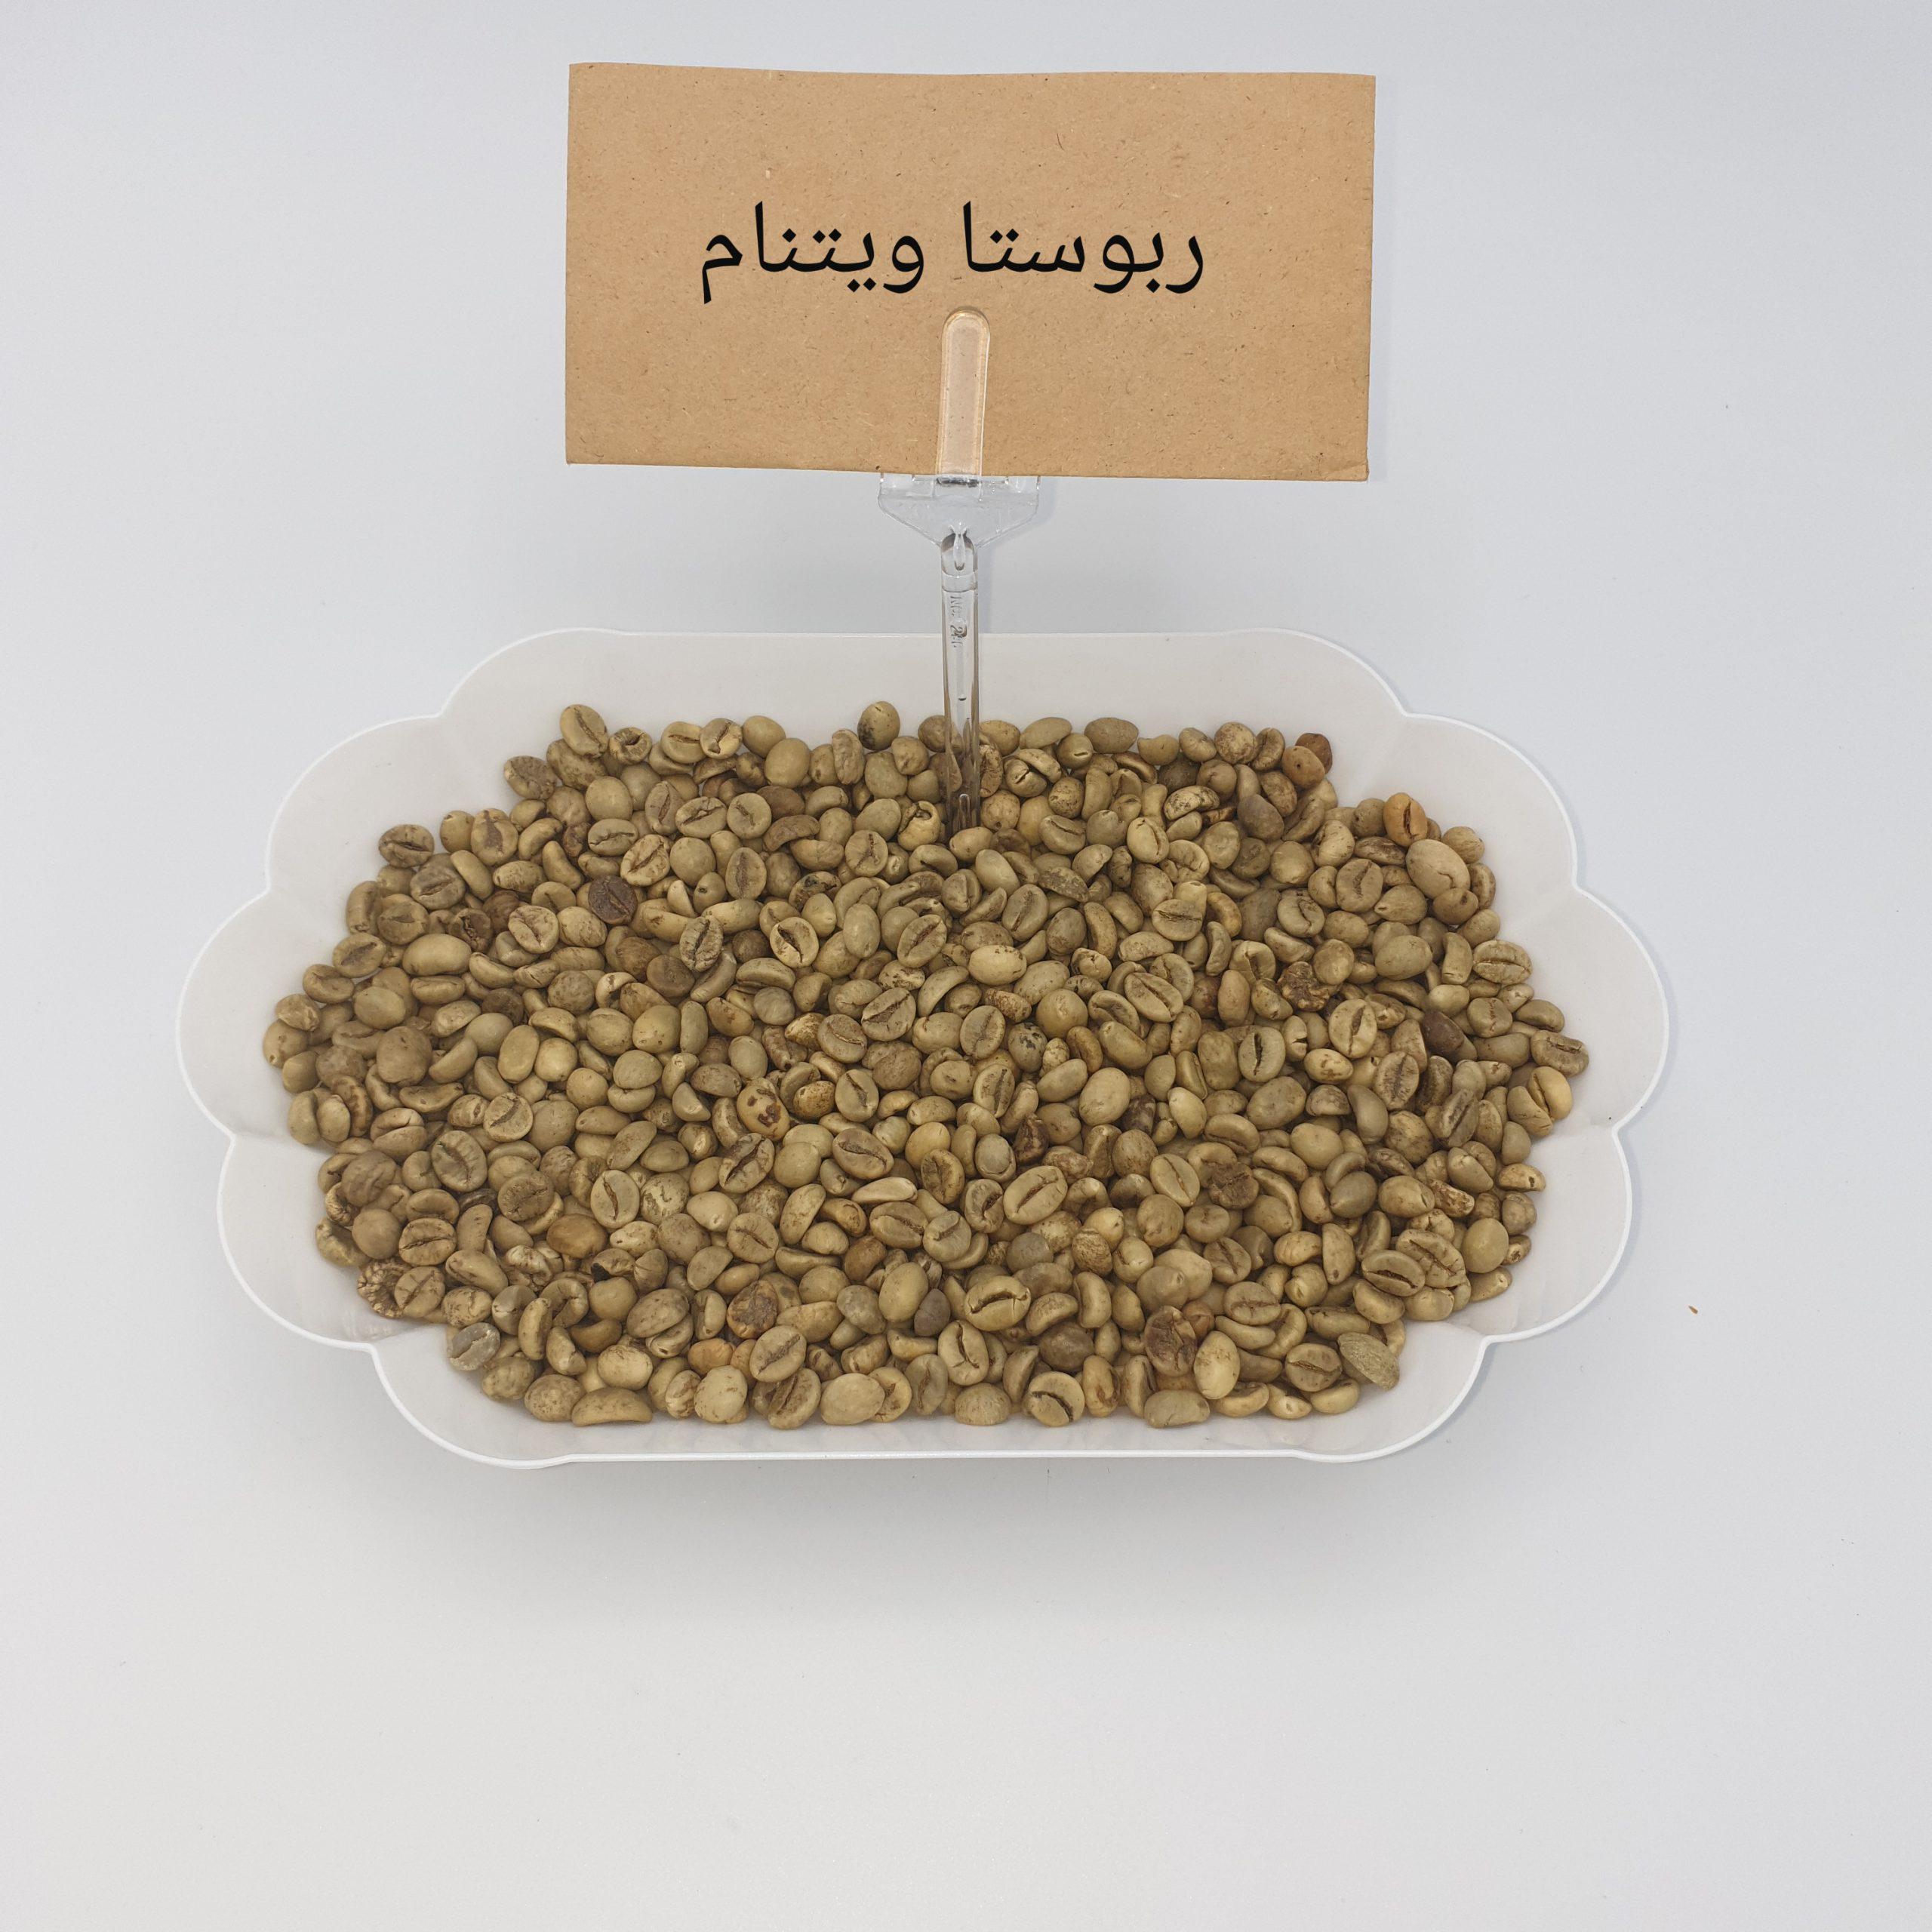 قهوه سبز ربوستا ویتنام